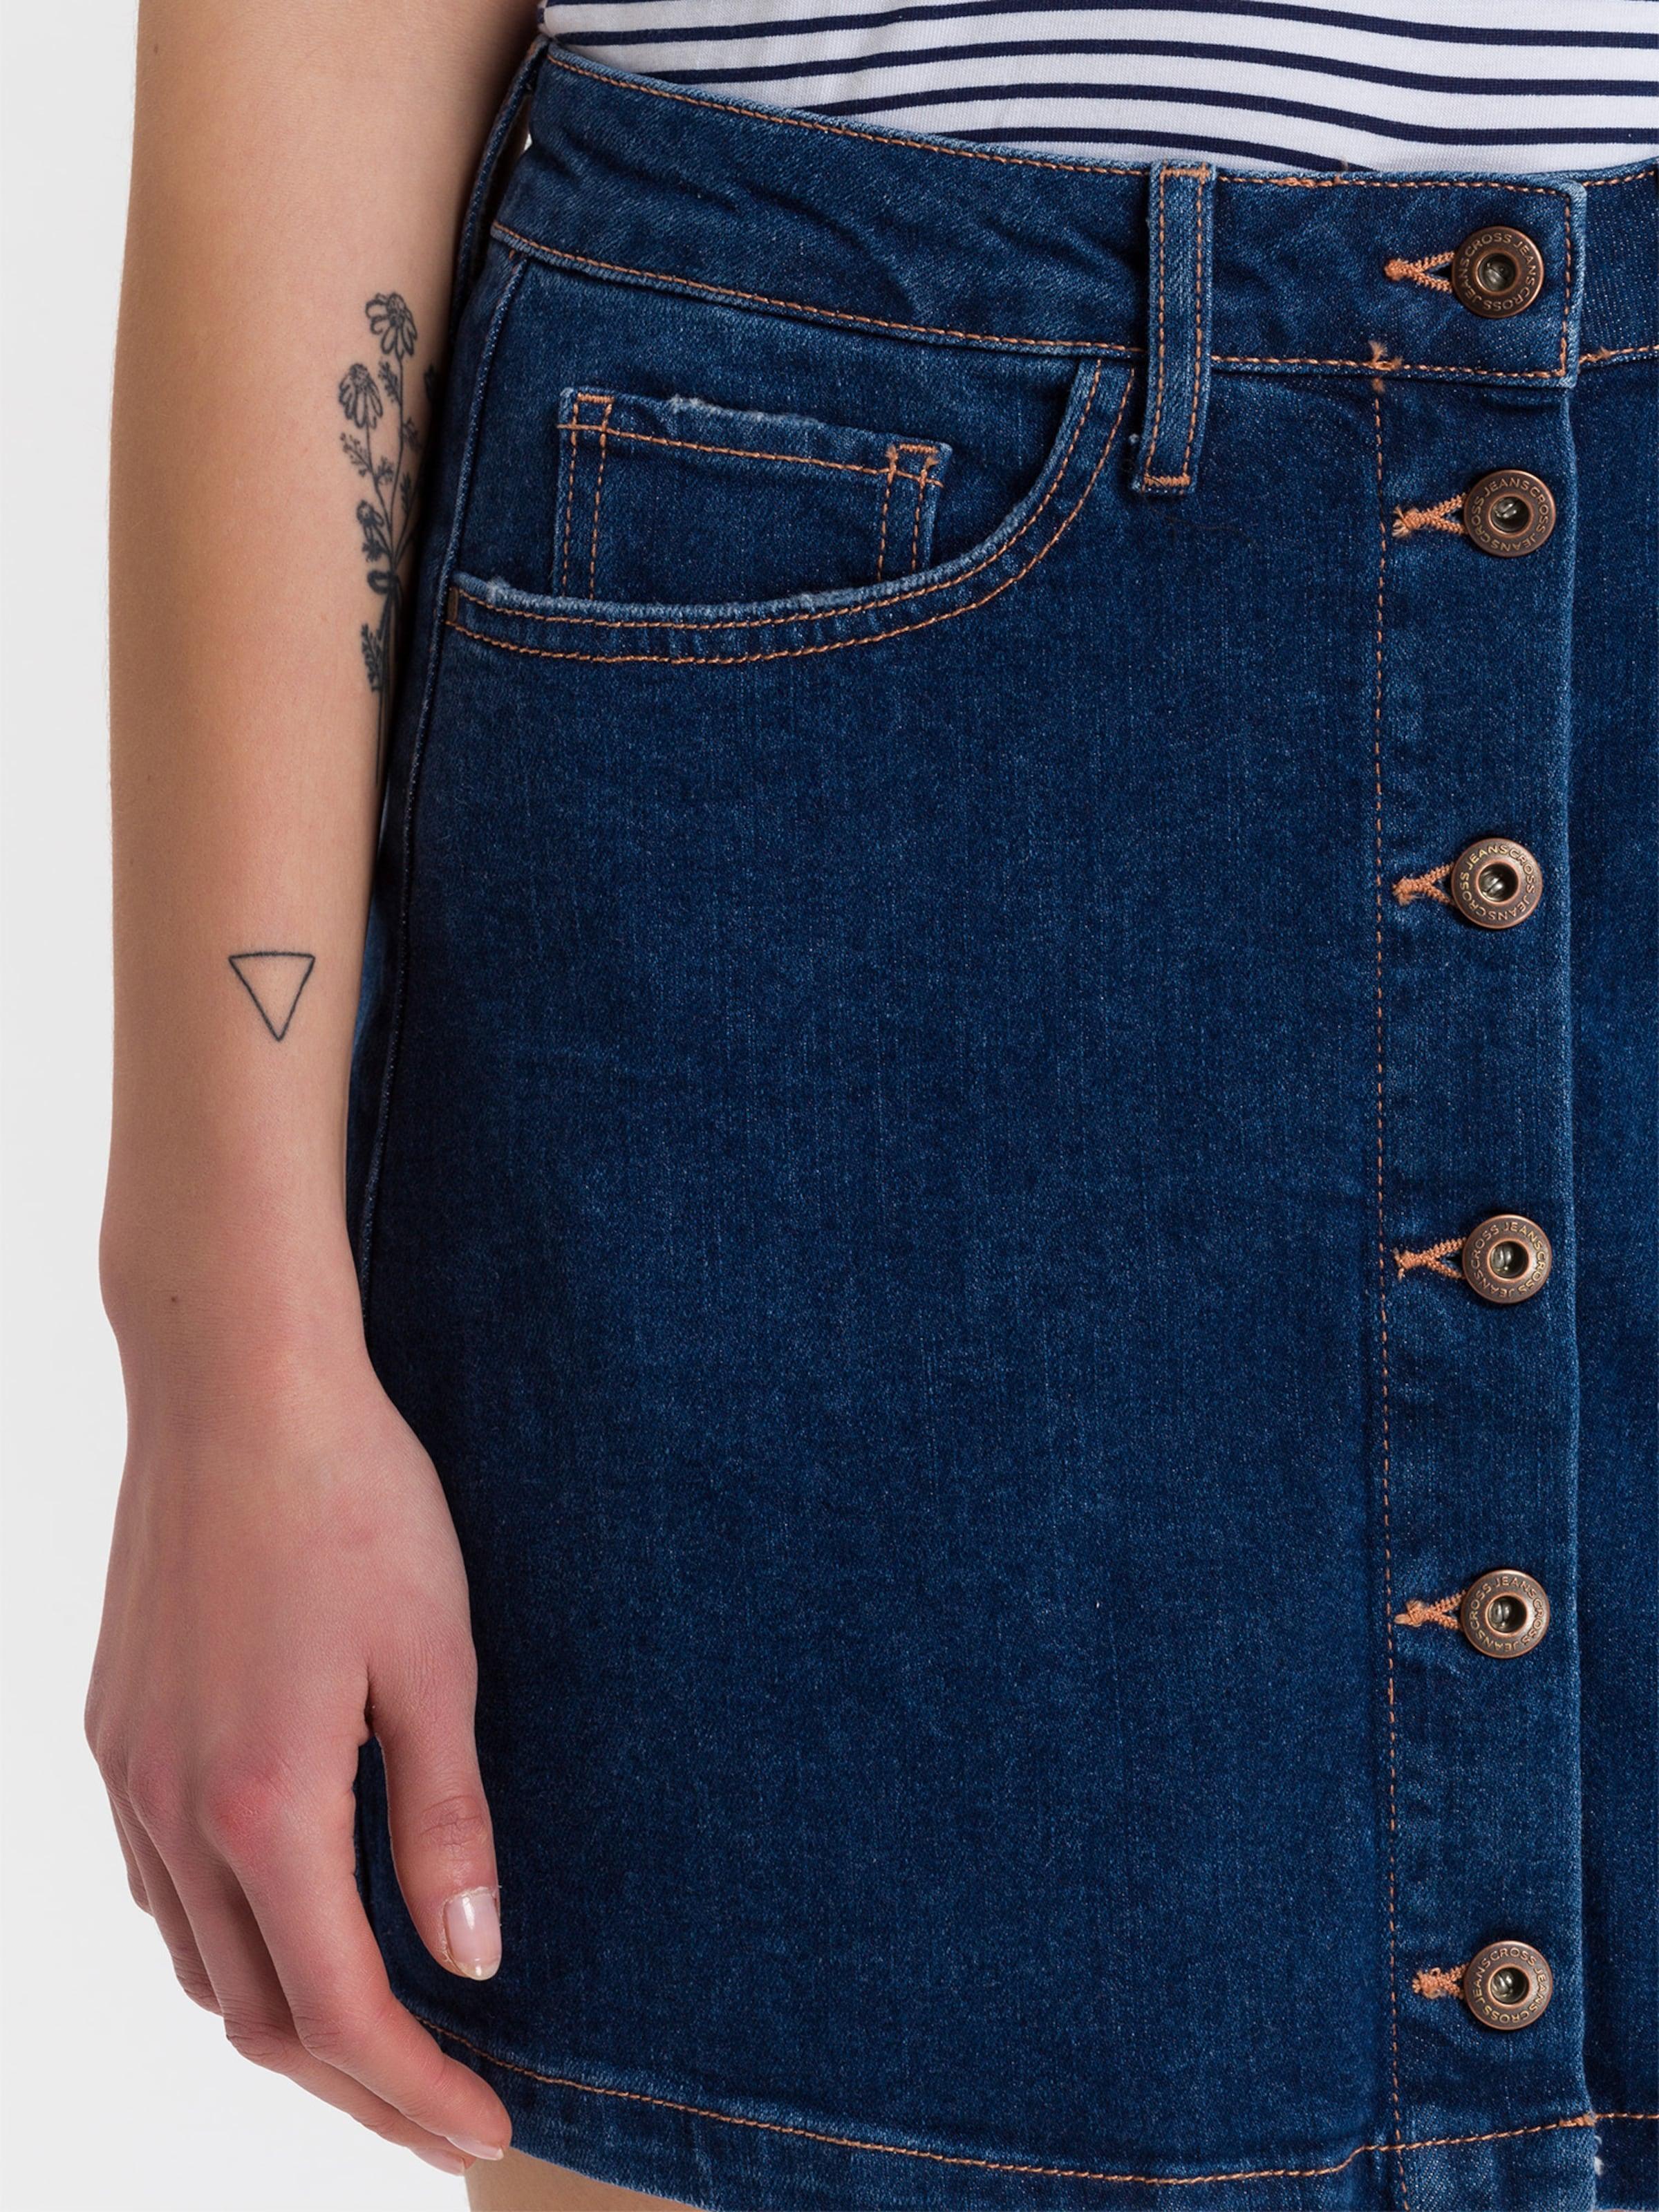 In Cross Jeans Denim Blue 'tracy' Rock xQWCrdBoe